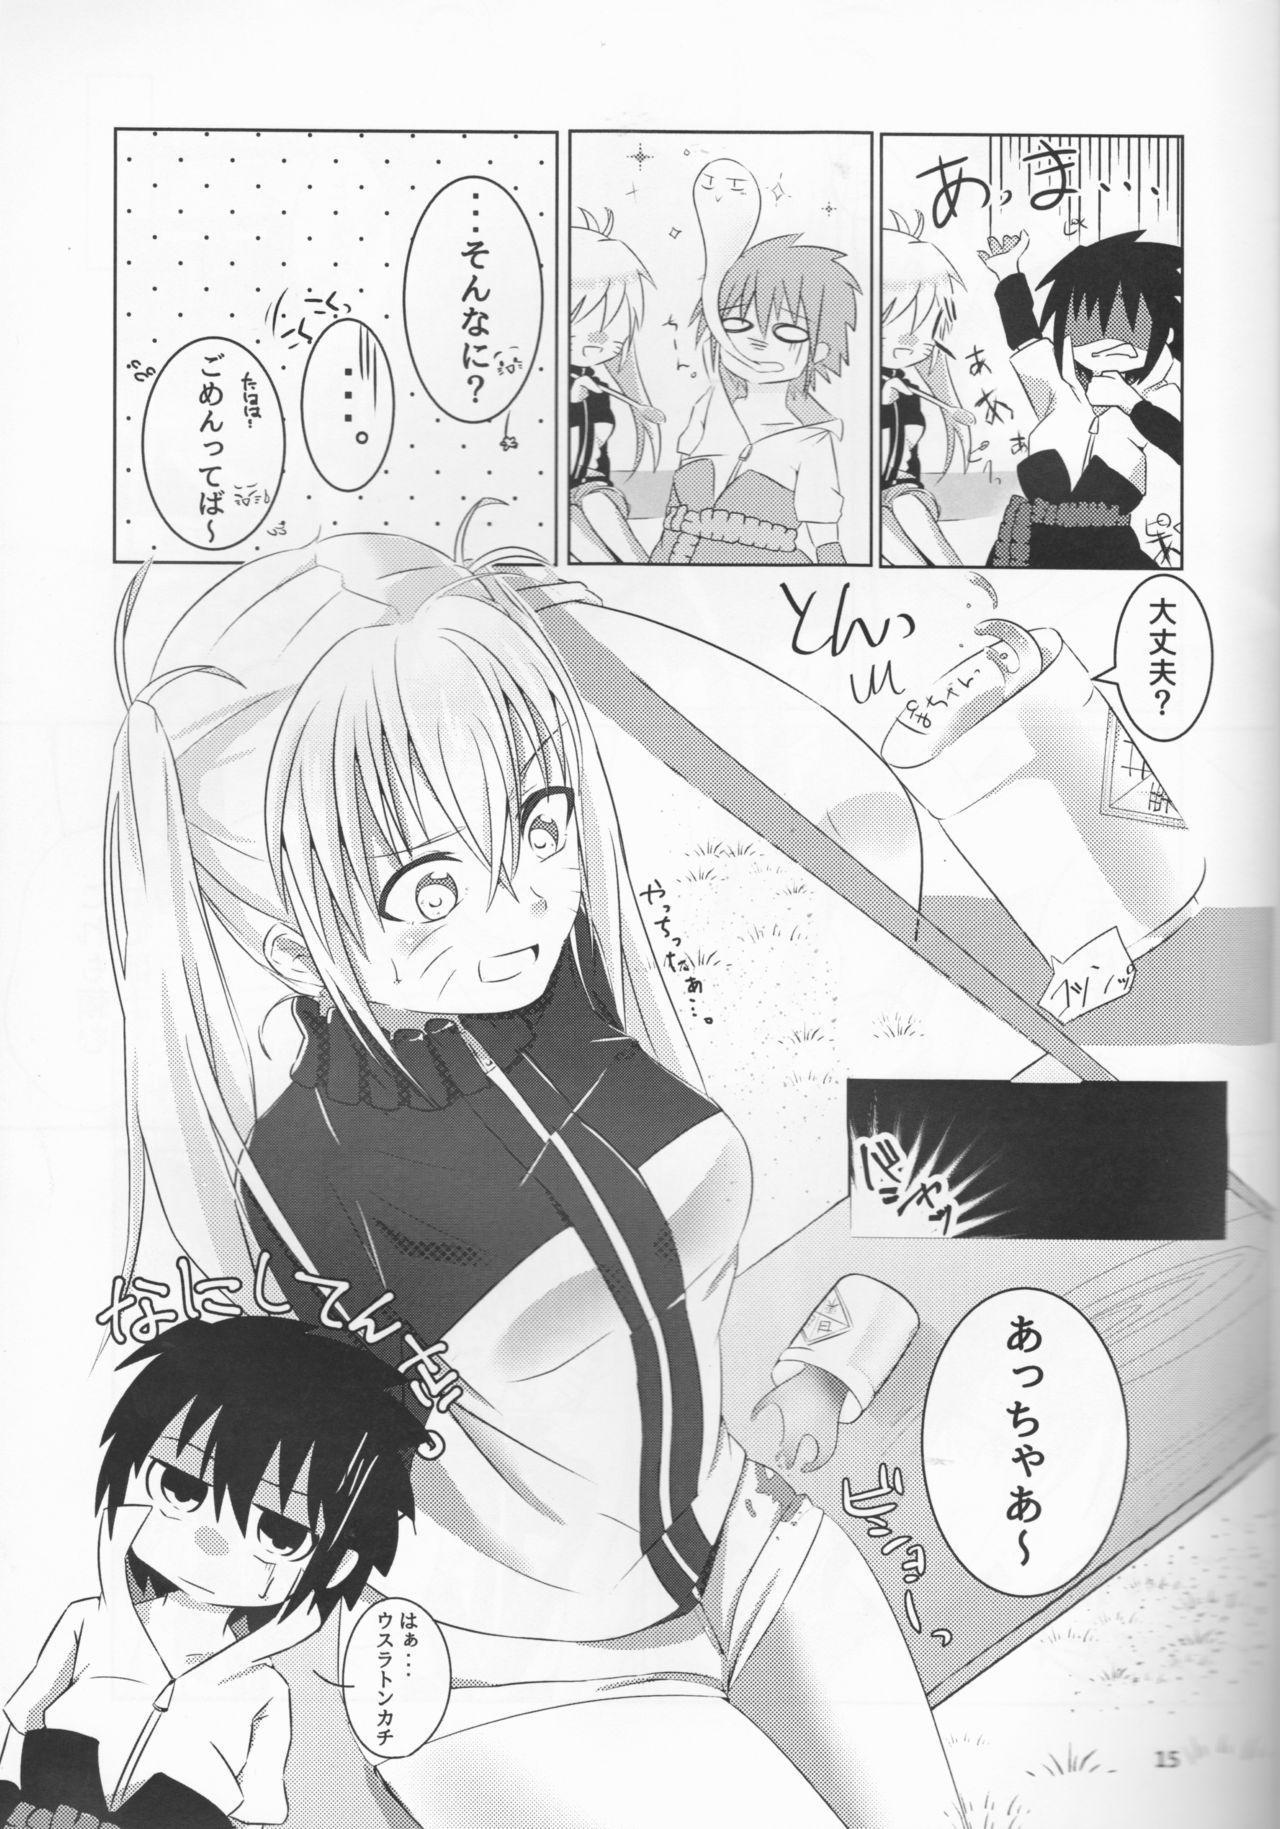 Douyara Usuratonkachi no Kudaranai Jutsu wa Ore ni Kouka ga Nai rashii. 14